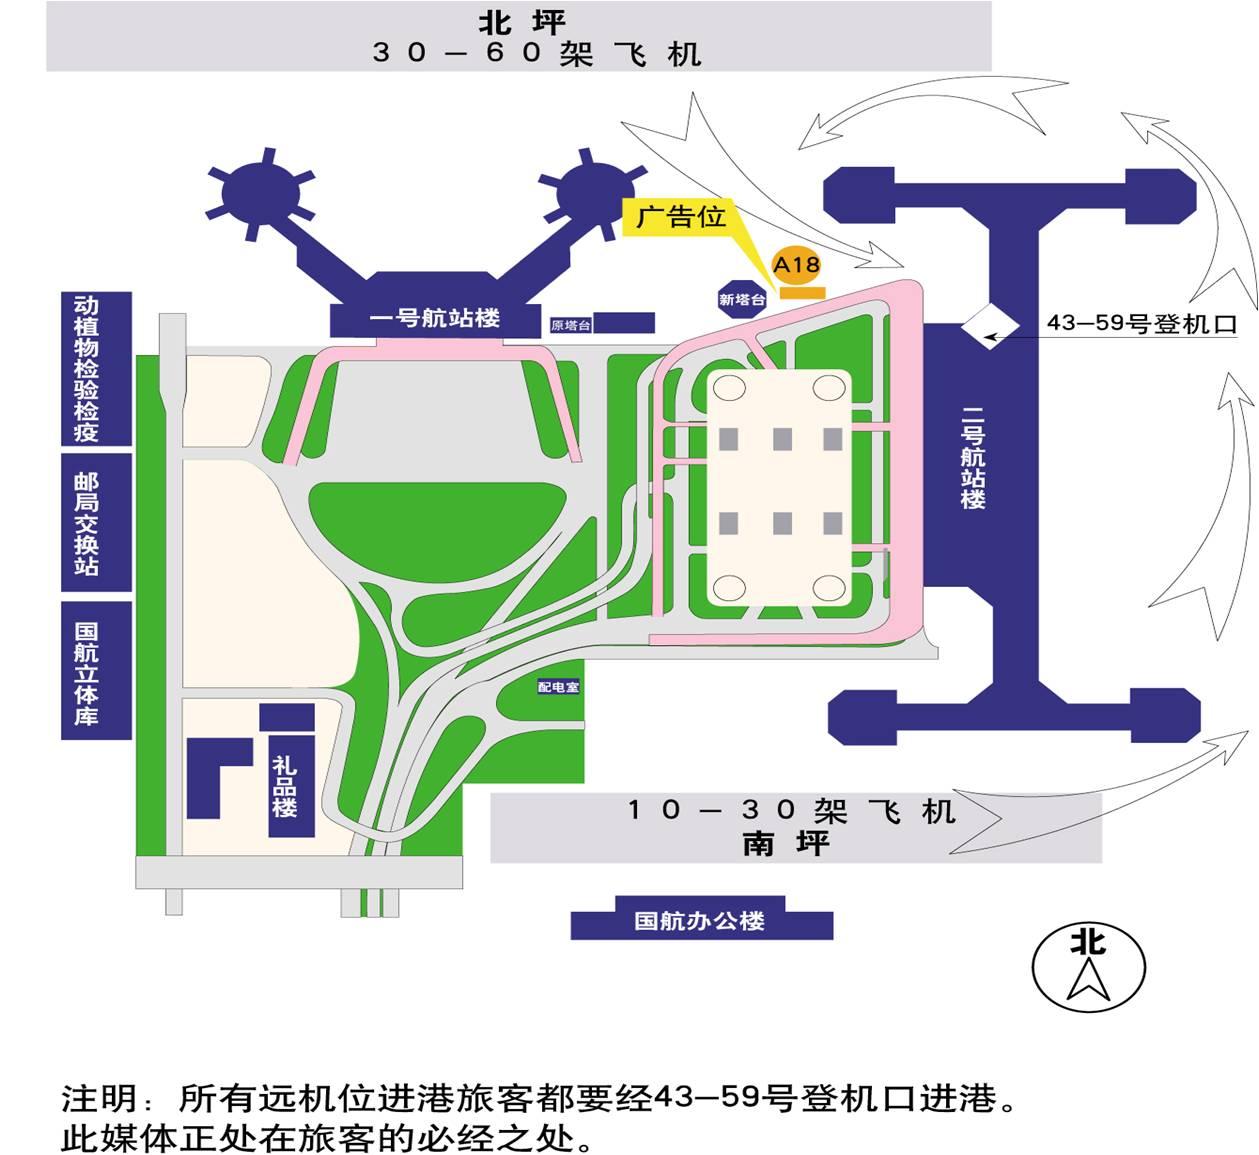 此媒体位于北京首都机场塔台东侧,现画面是方正,手续合法正规。此媒体位于国内外旅客通往北京首都机场T1、T2的必经之地。一面对的是首都机场1号、2号航站楼广场;另一面是所有摆渡车必经之地,登机的旅客从牌子下必经之地。日车流量达到20万辆/日,客流量为50万人/日。其中不乏政界要员,商界名流。此媒体位置醒目(尺寸有294平米,大于普通单立柱),目标到达率高,是宣传企业形象推广企业产品的绝佳位置。